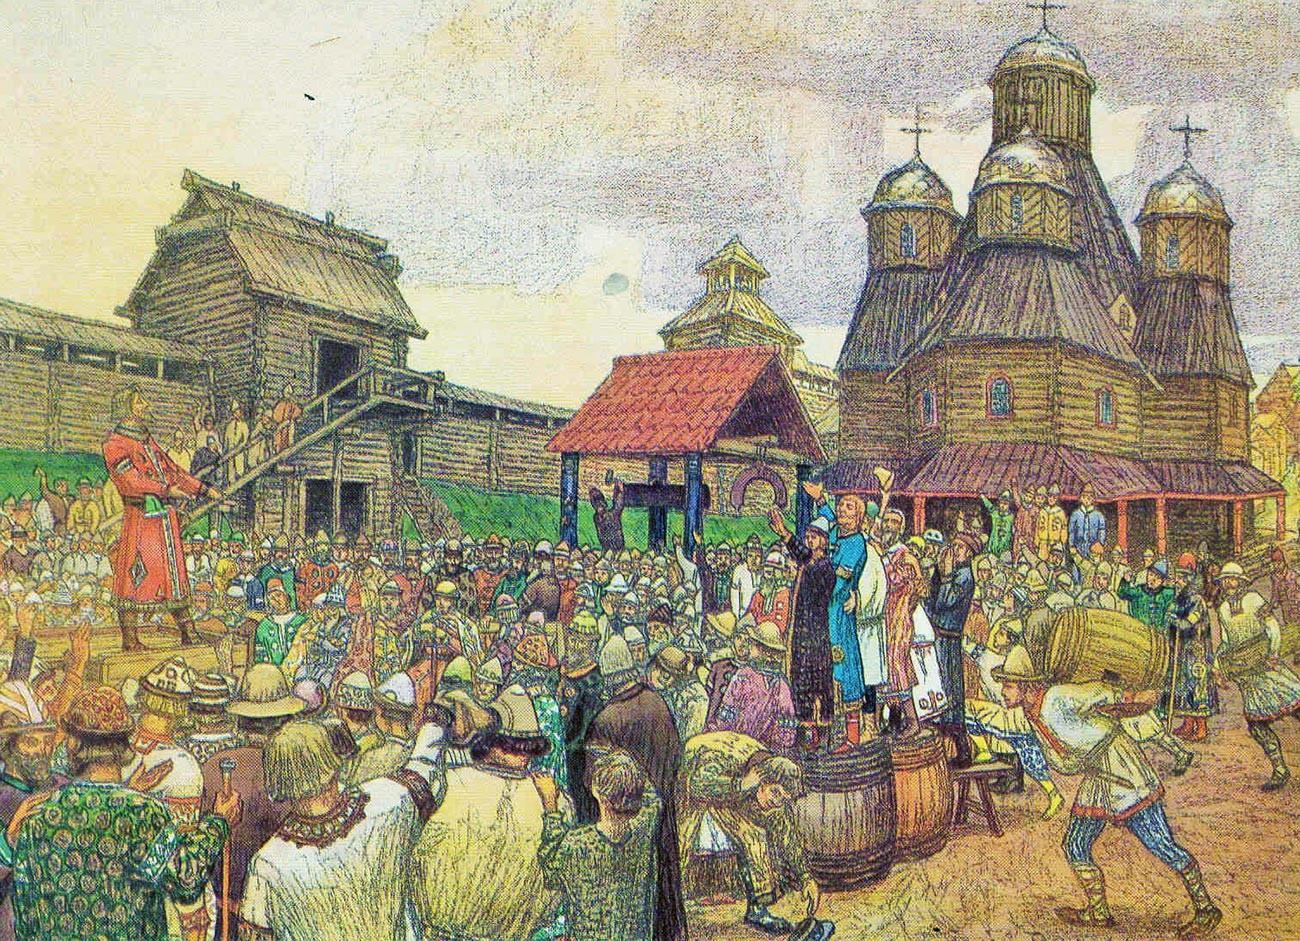 'Veche di Pskov', 1909, karya Apollinary Vasnetsov.